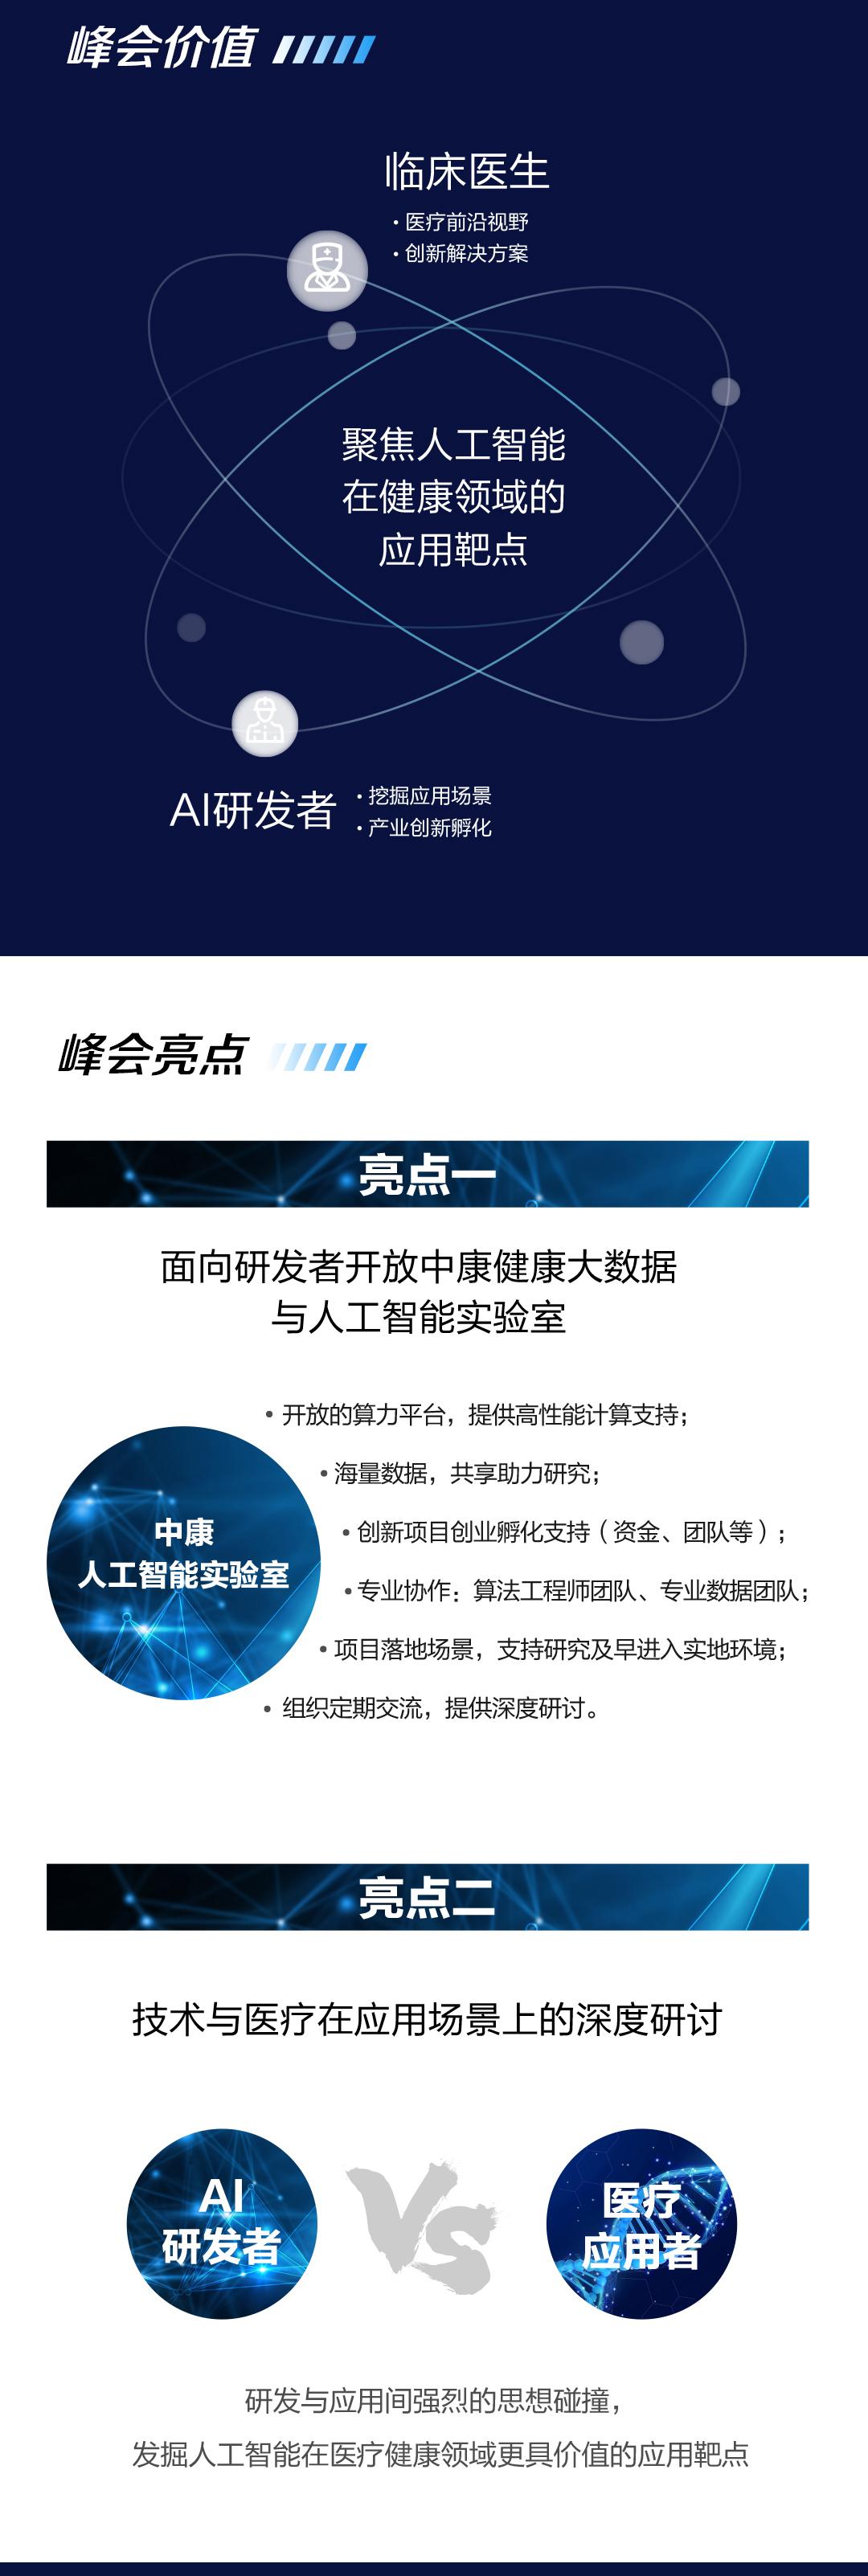 2019国际健康大数据与人工智能高峰论坛(博鳌)